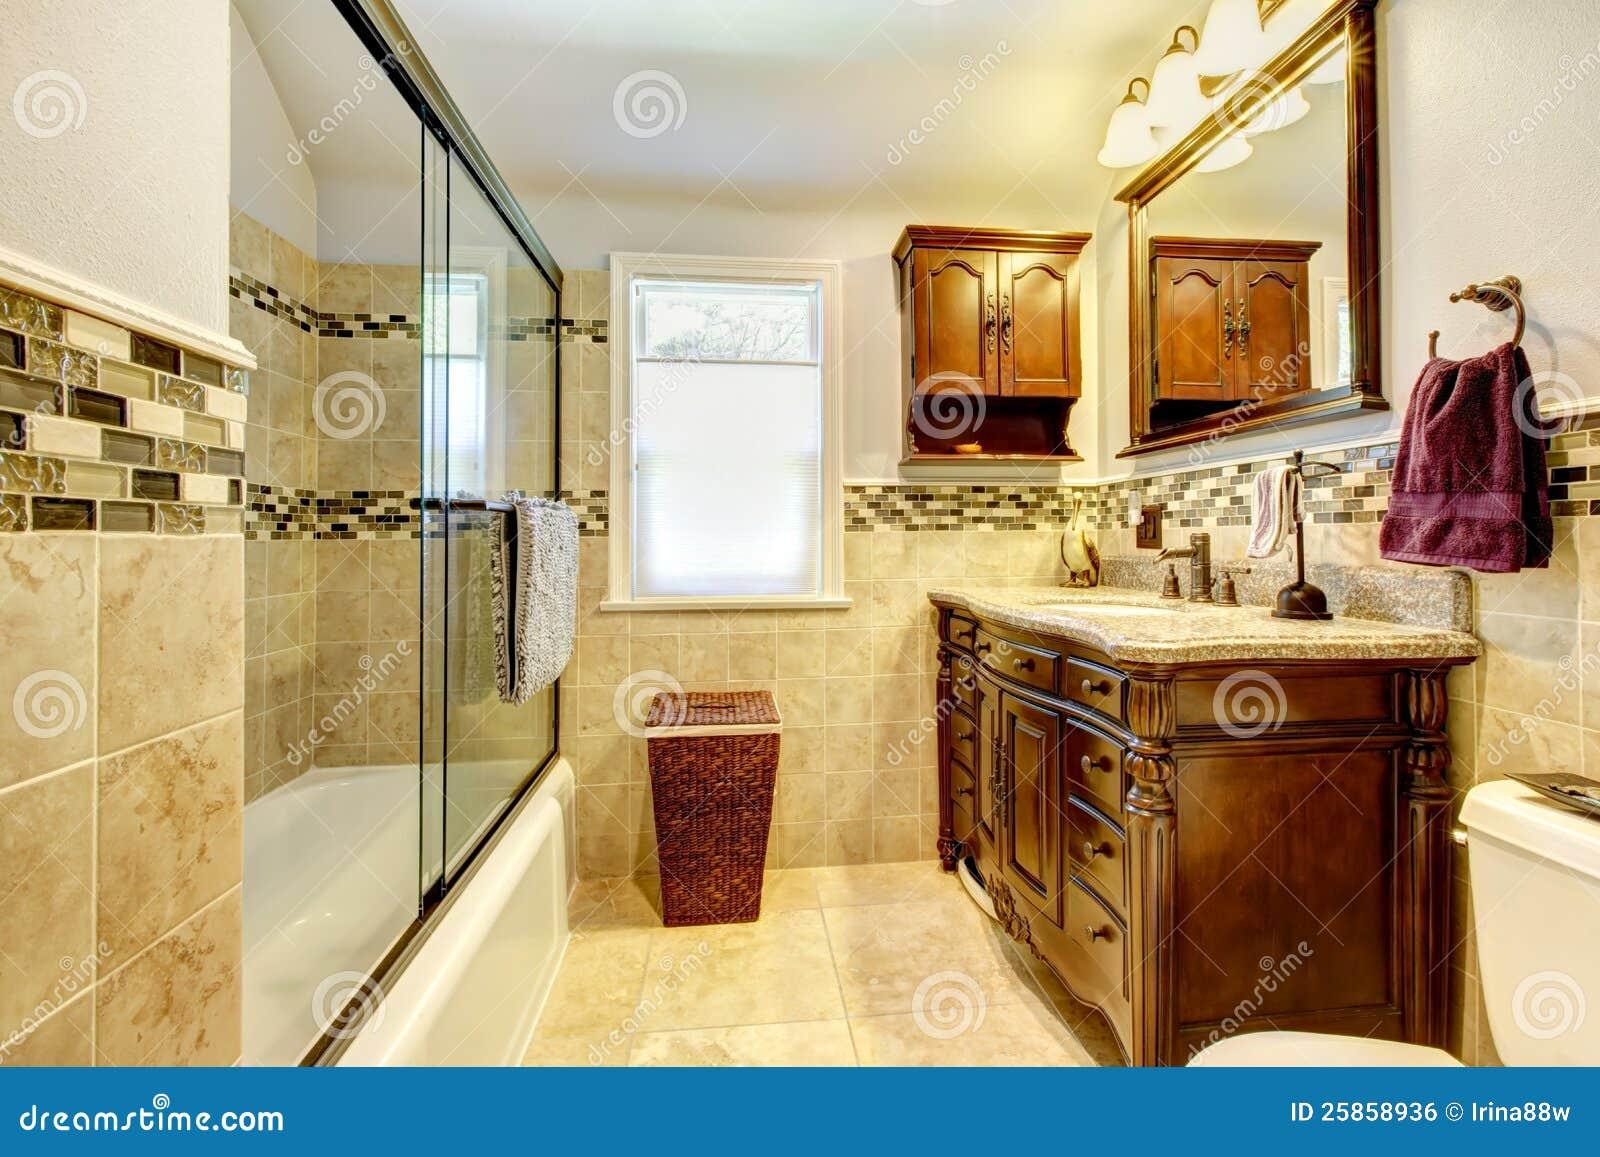 Bagno Legno Naturale : Stili bagno guida fotografica per scegliere arredi e rivestimenti